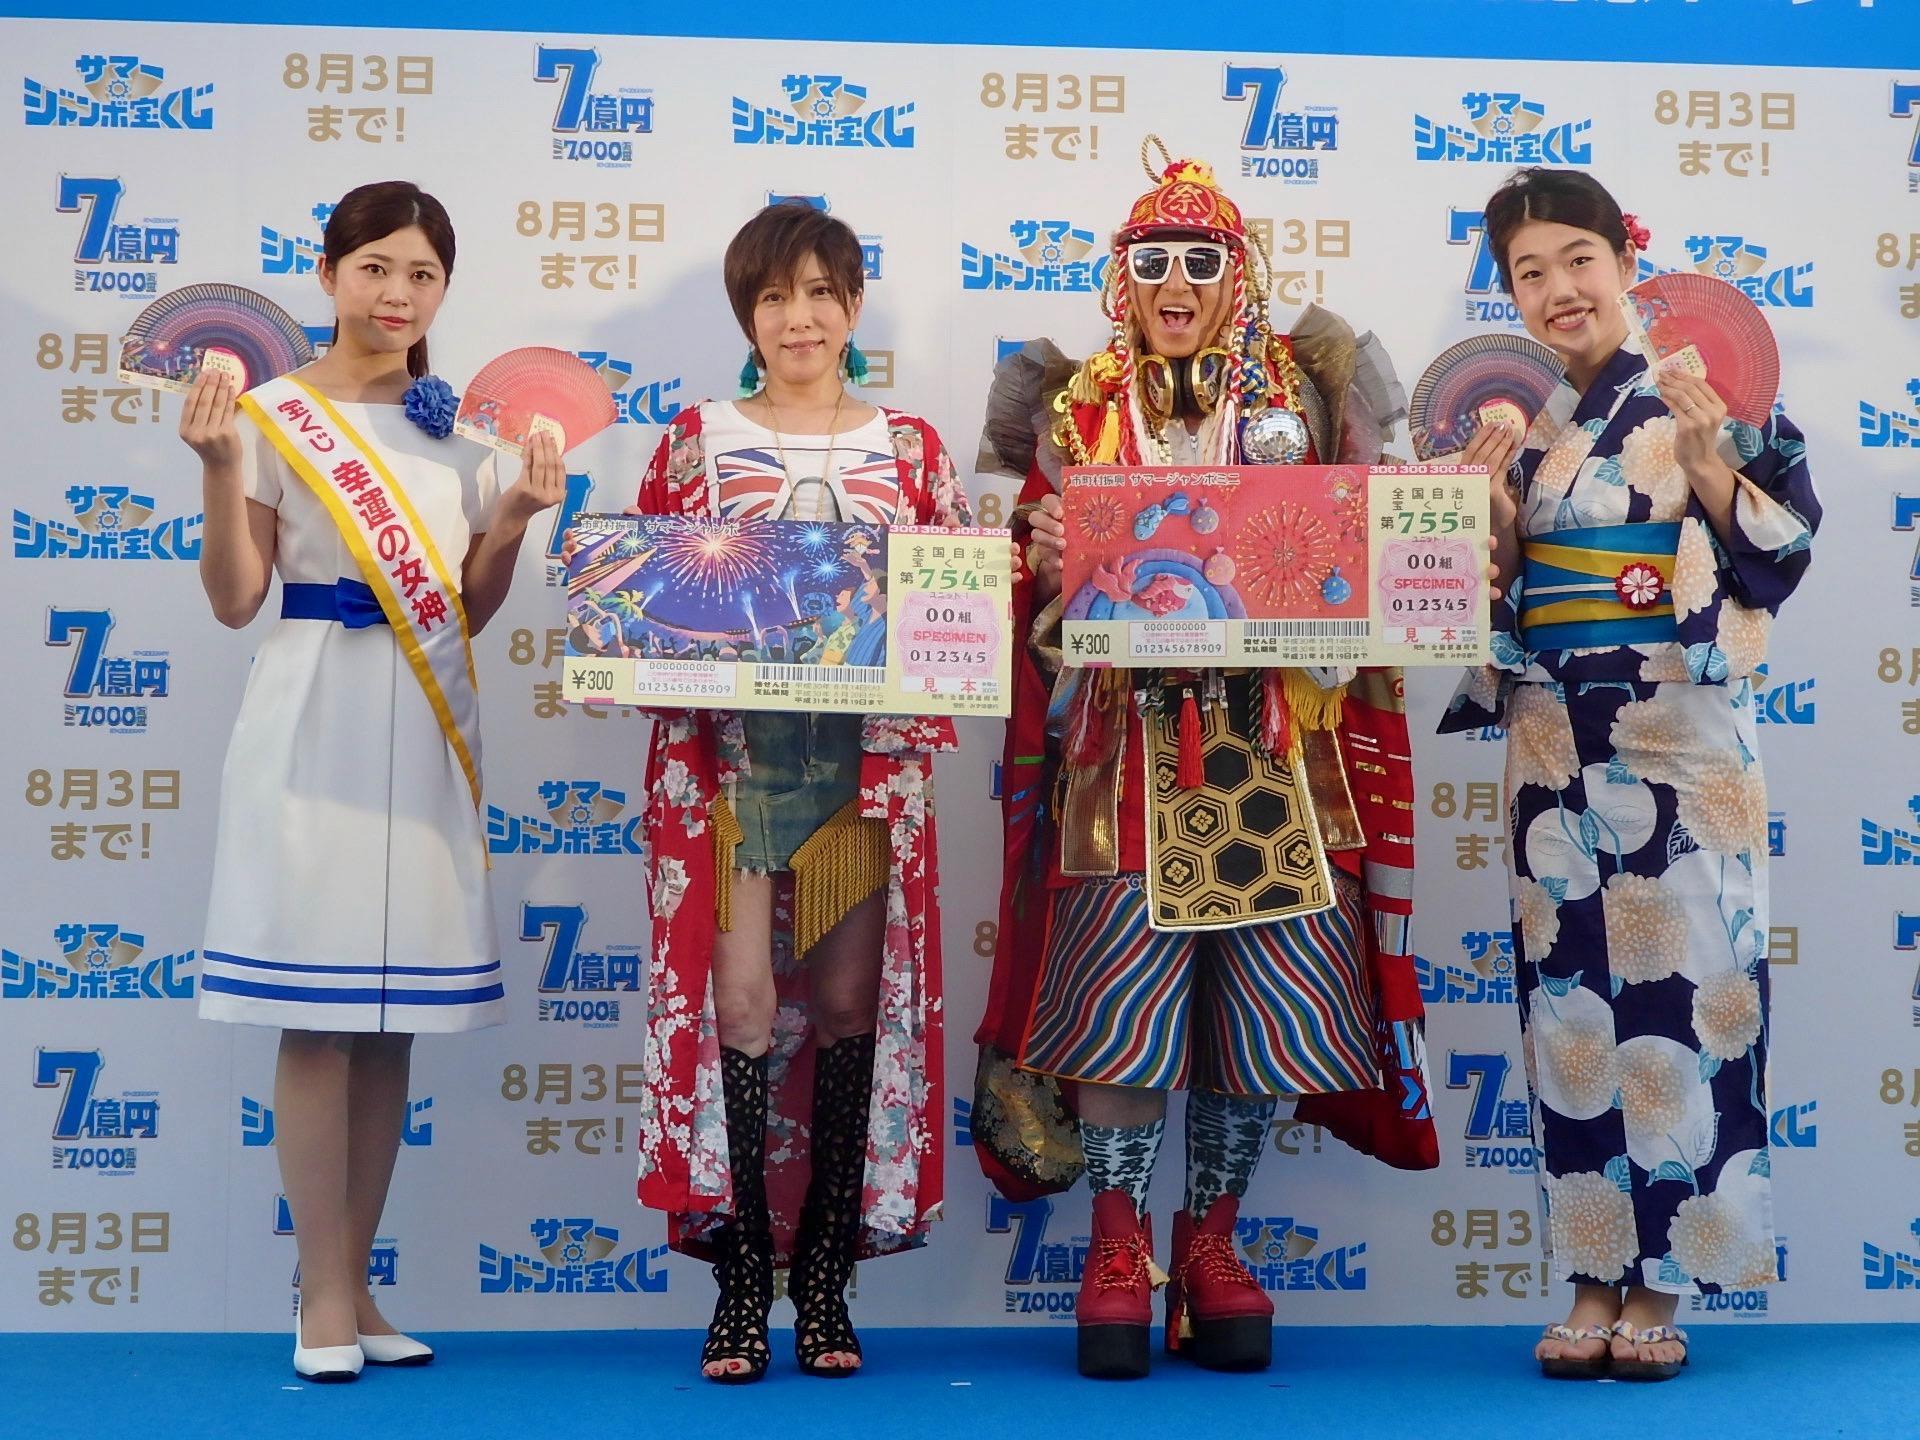 http://news.yoshimoto.co.jp/20180709202729-1d7e36b8ab734e71b809b424a68d275200b712c4.jpg